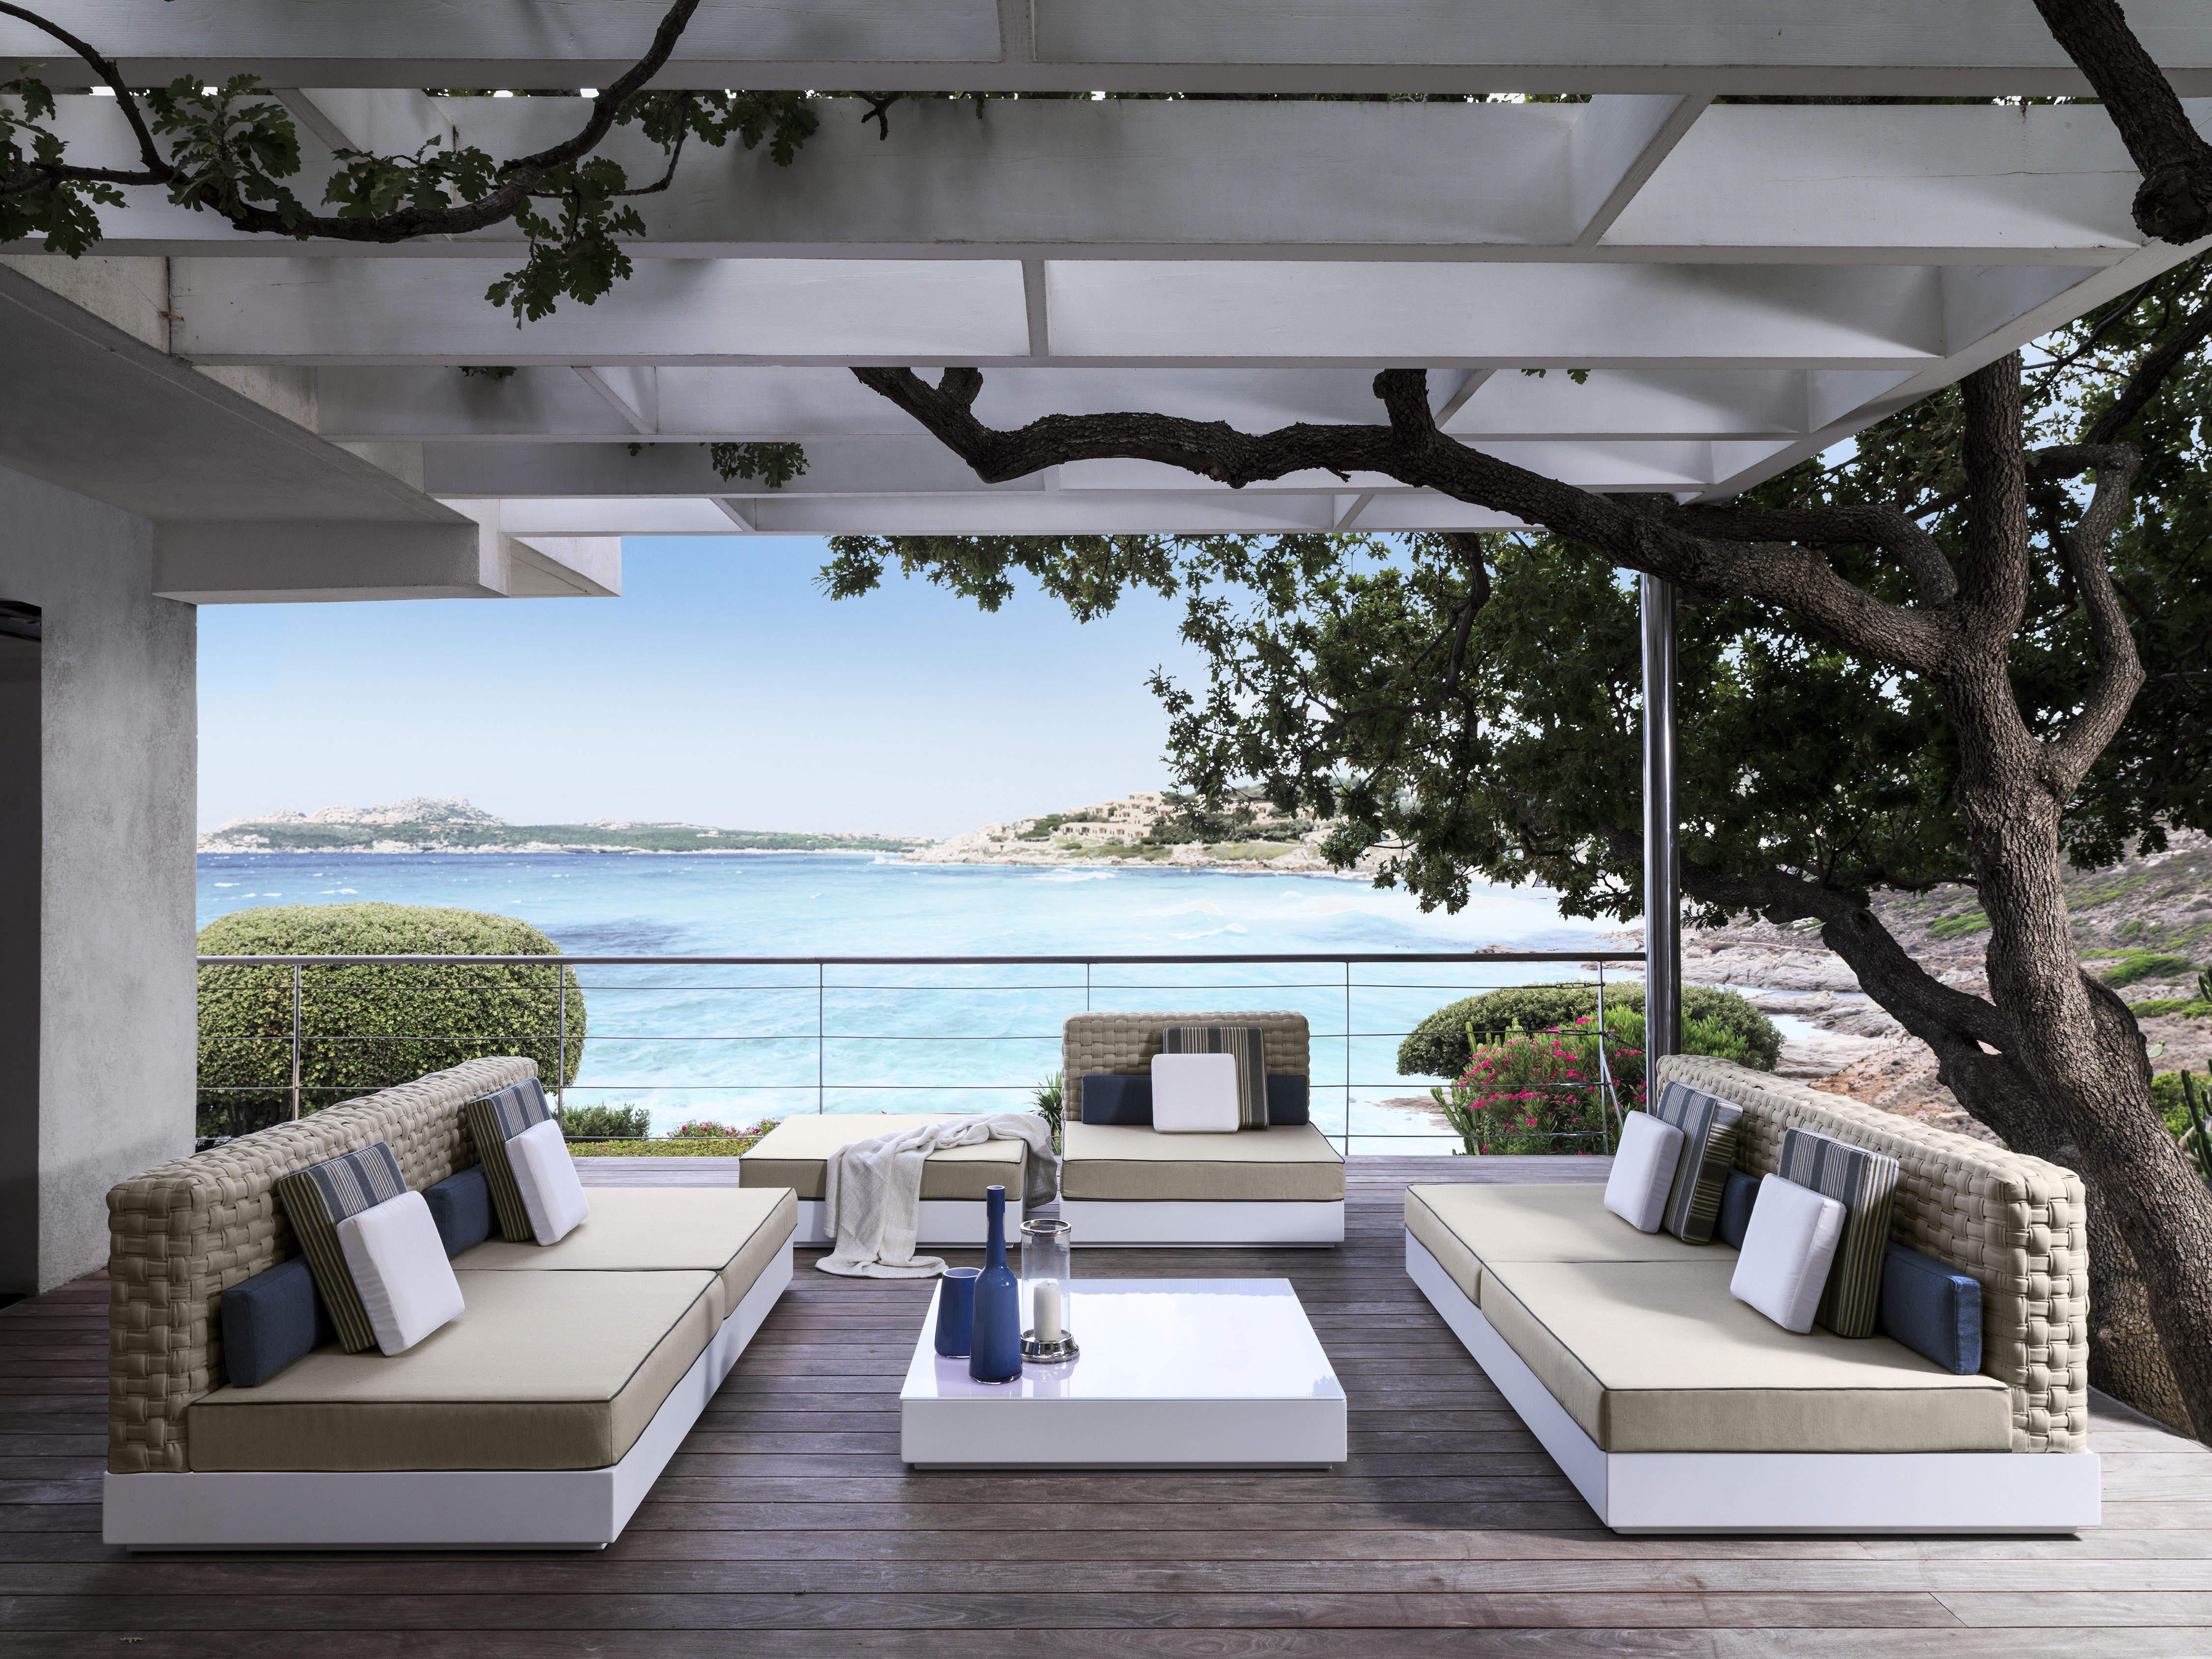 salon de jardin par Italy Dream Design